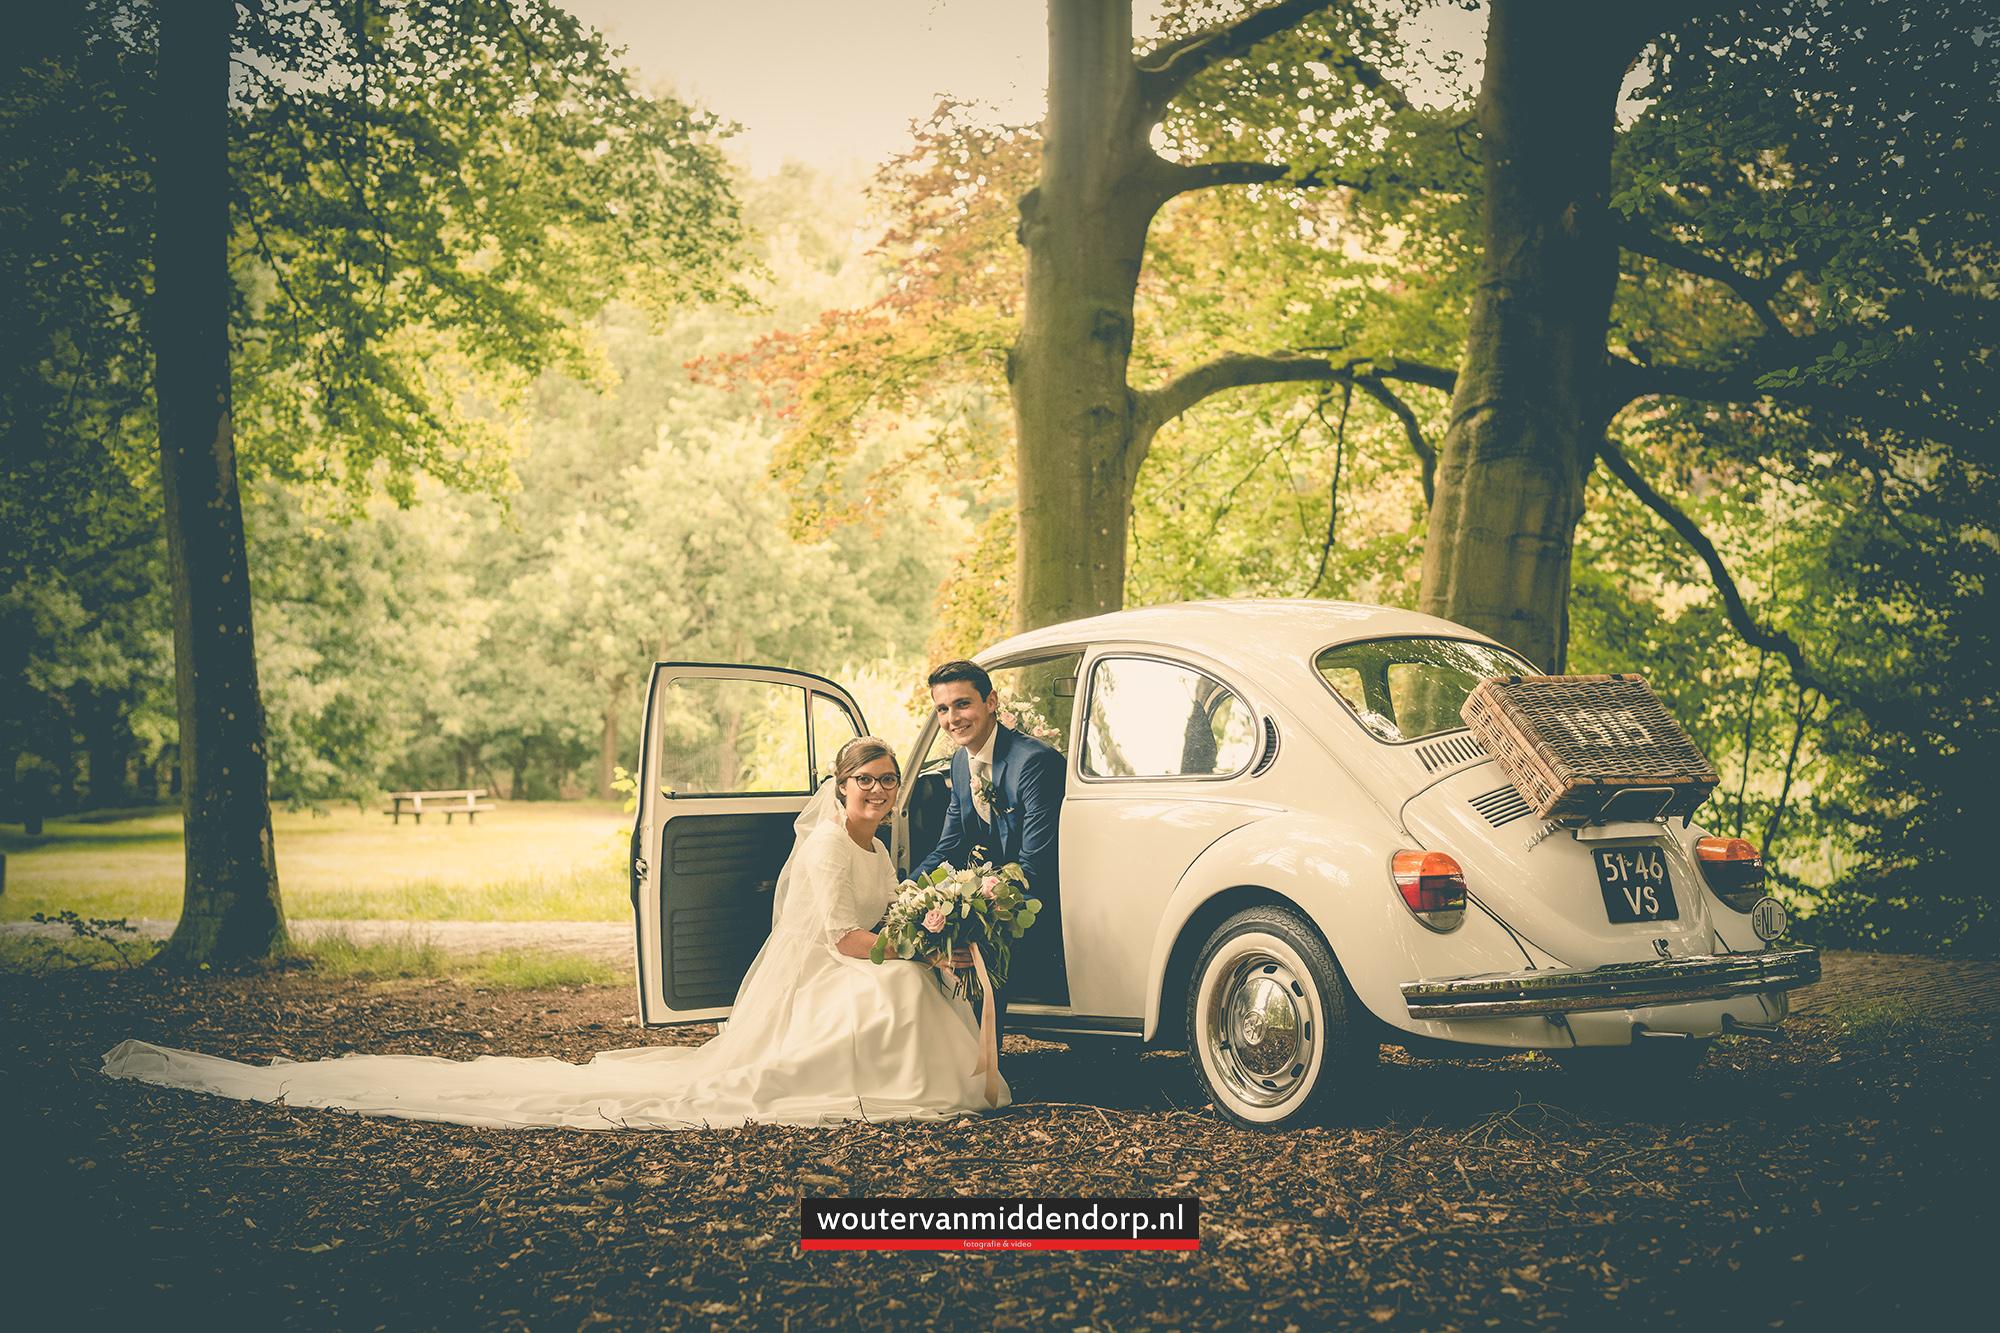 Wouter van Middendorp 1 bruidsfotografie